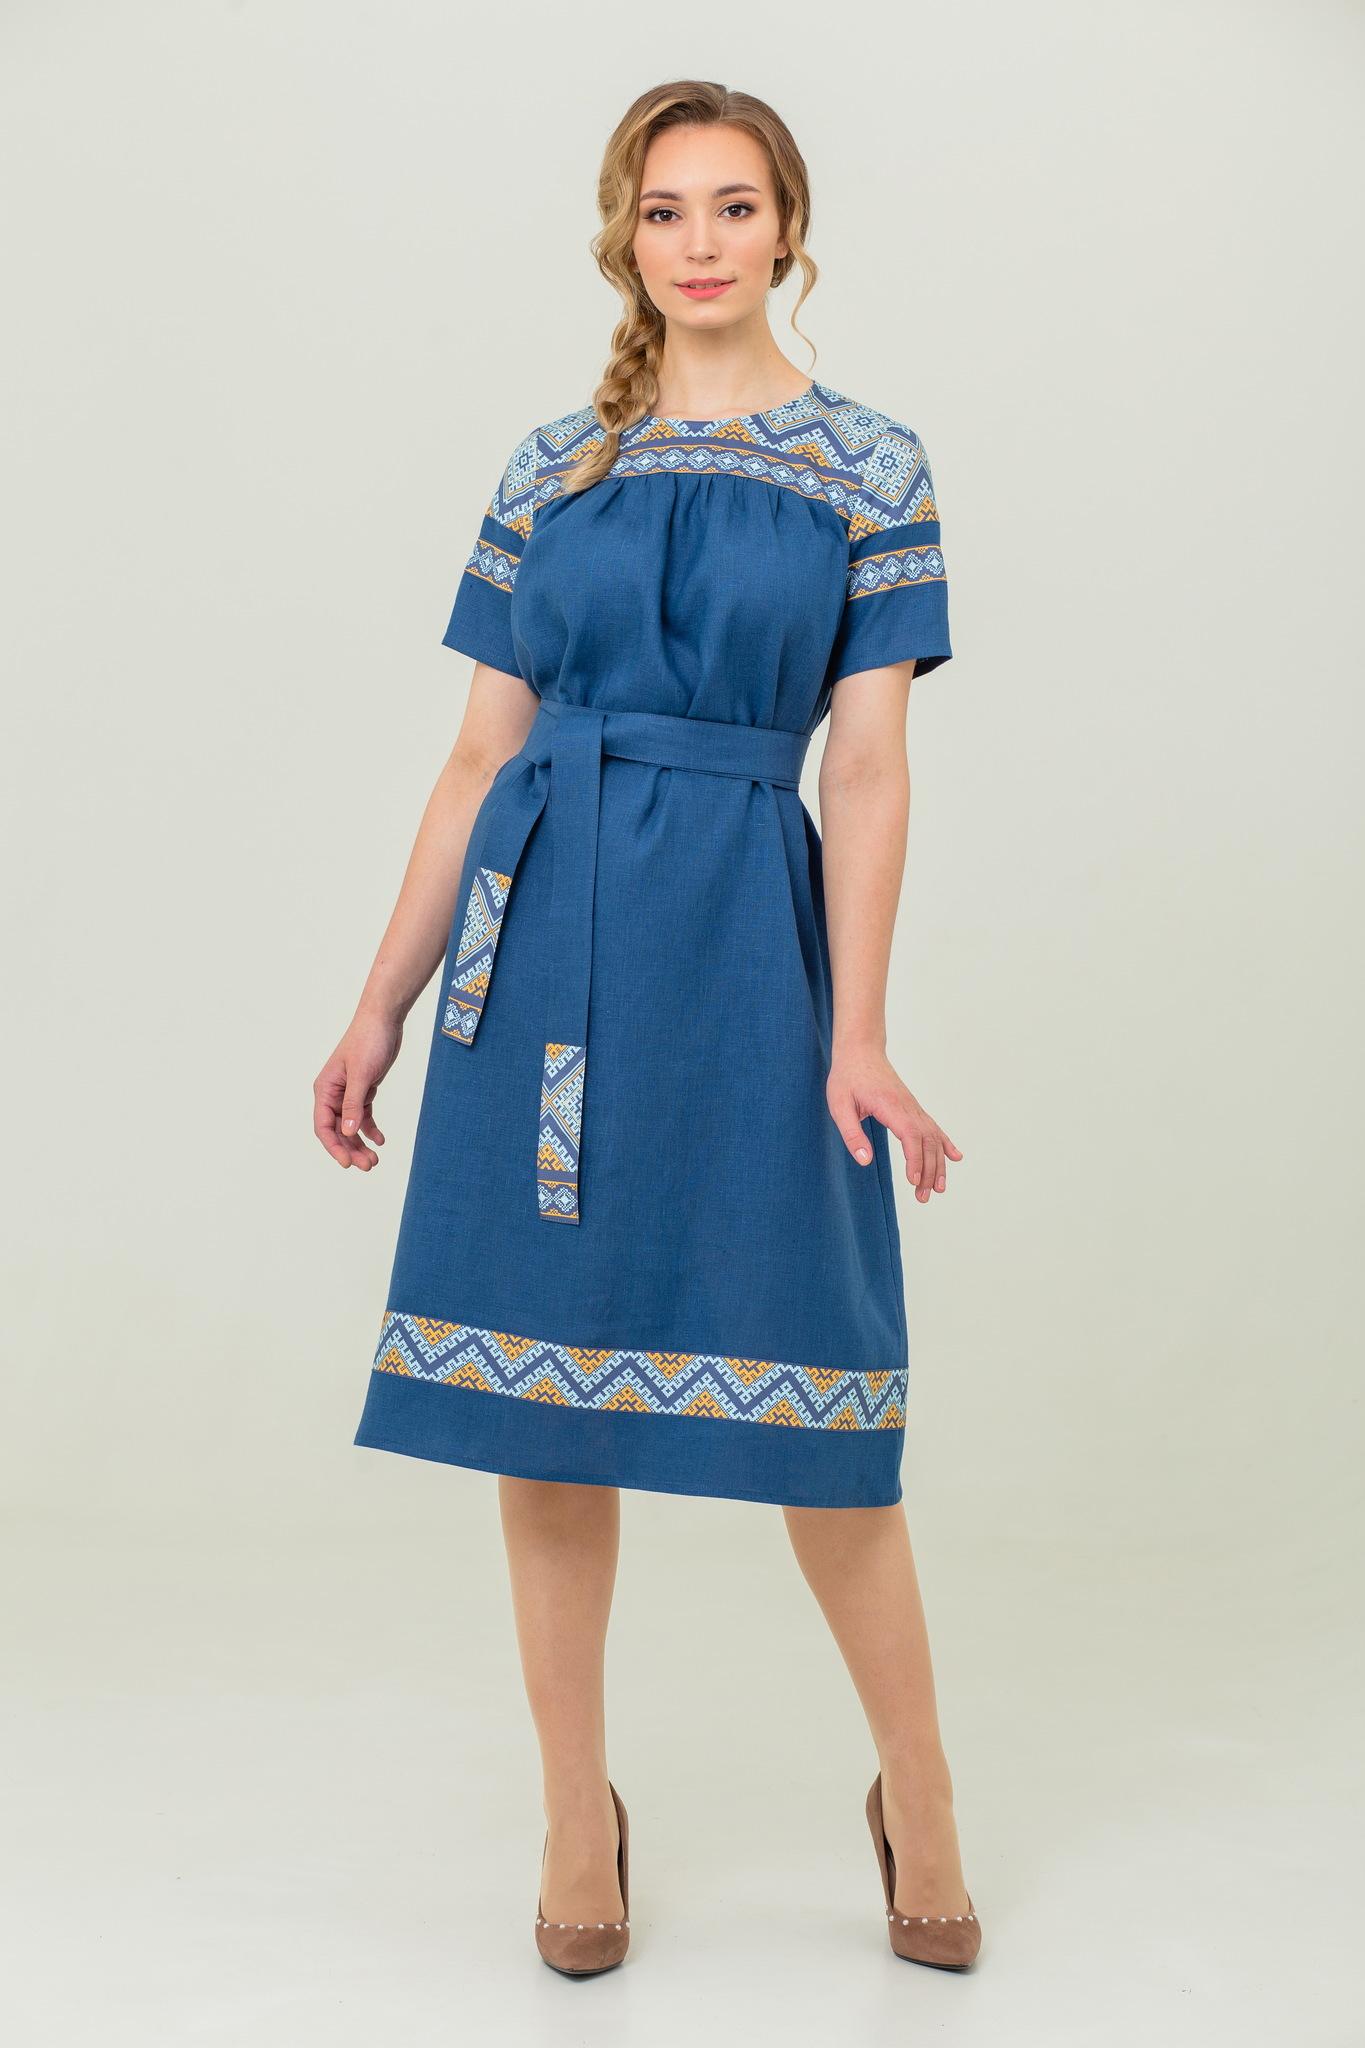 платье льняное Каспийское миди